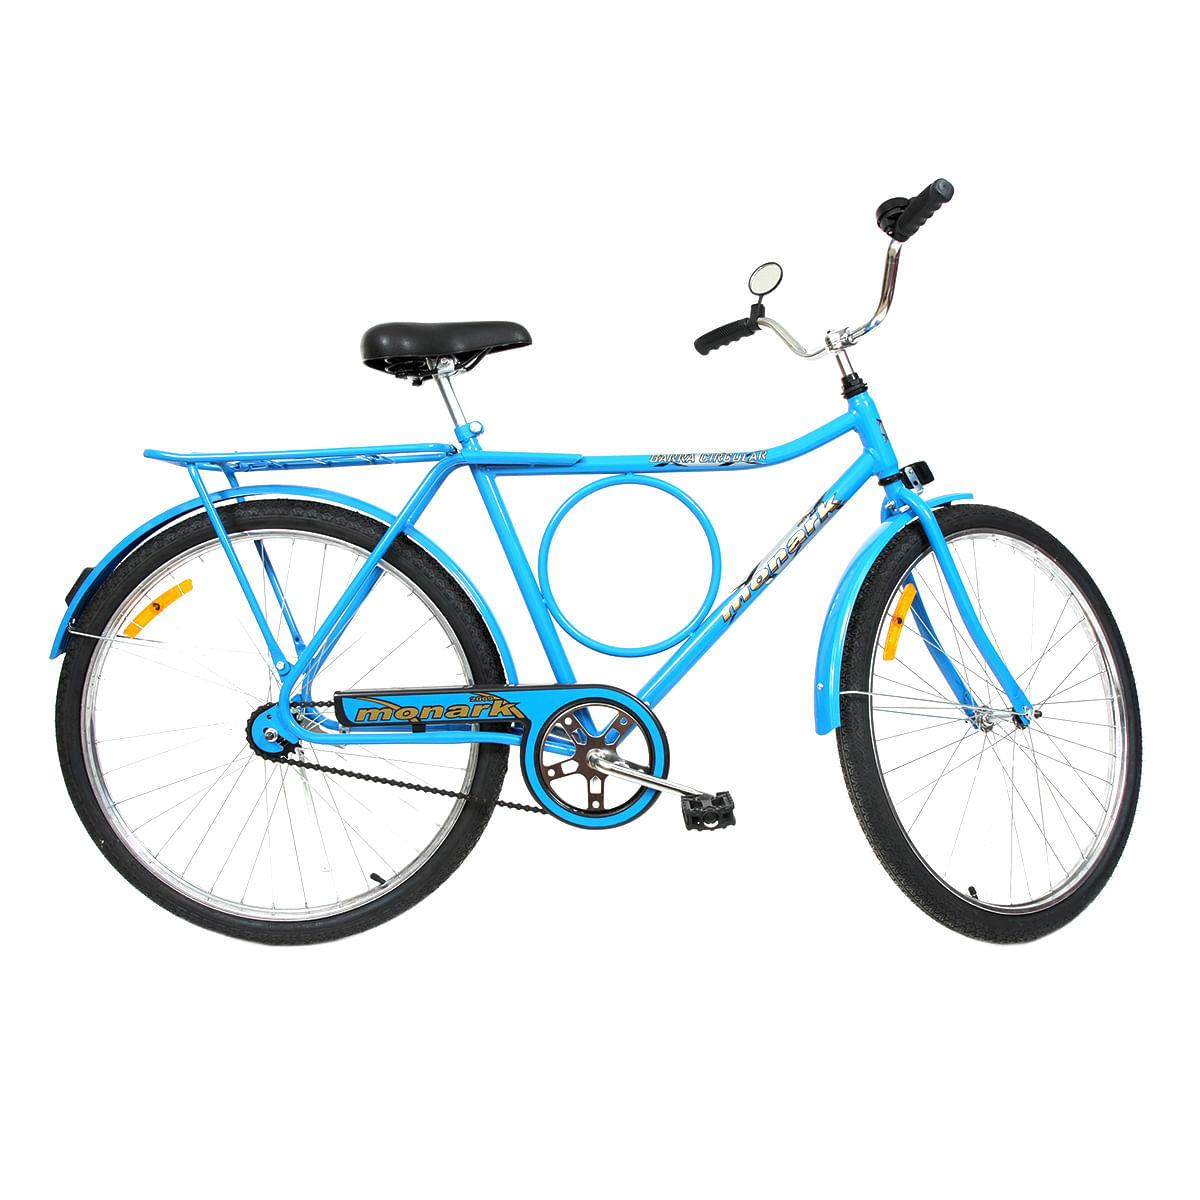 Imagem de Bicicleta Aro 26 Barra Circular Cp Lazer Monark